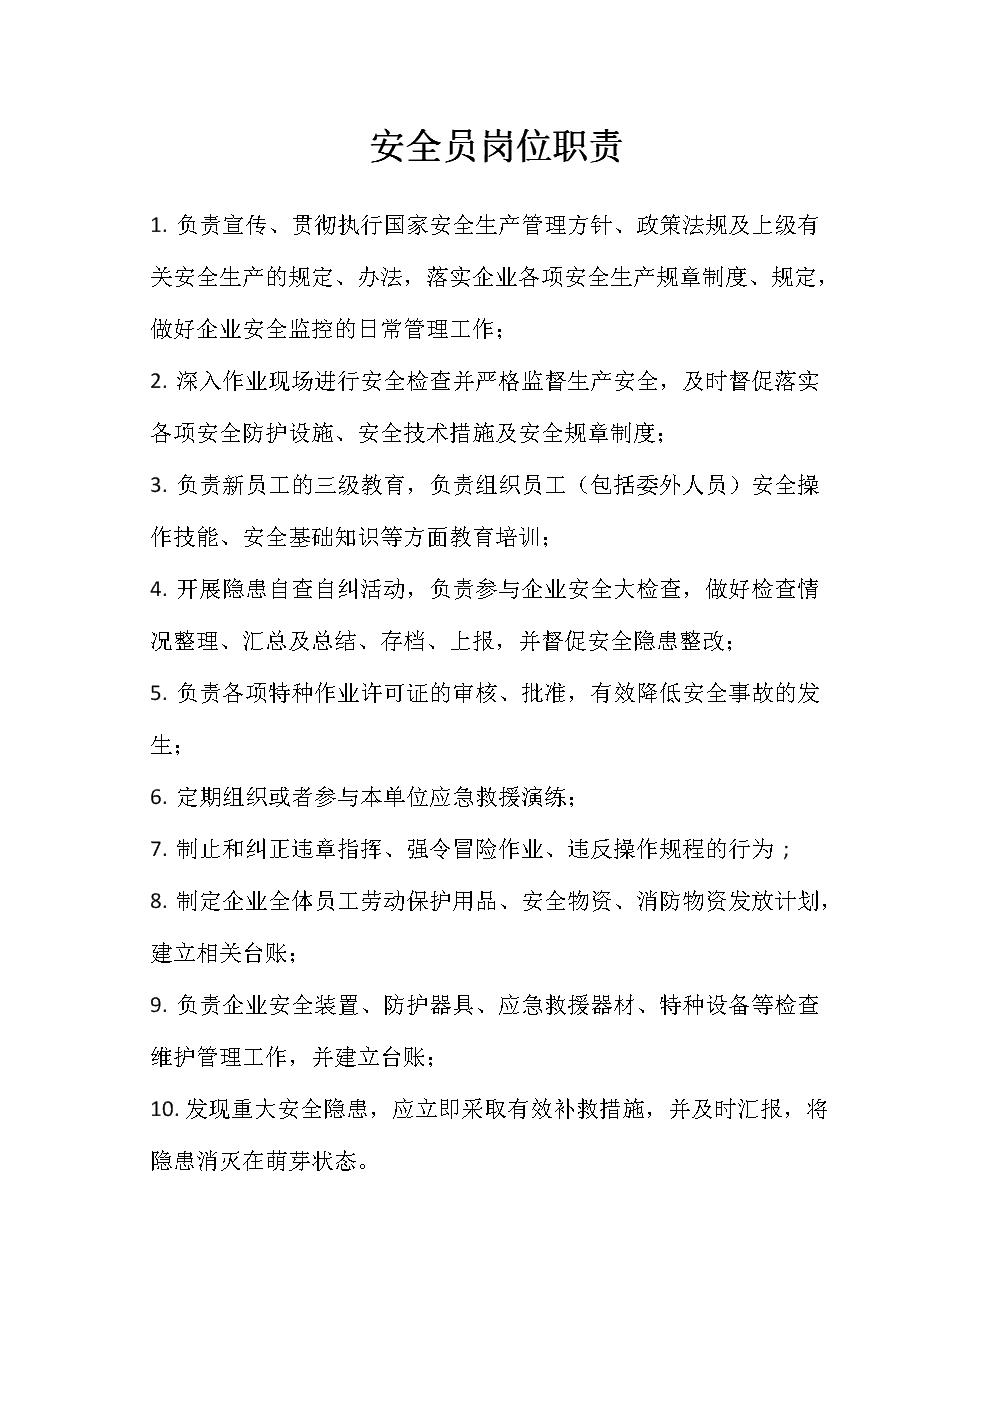 化工厂安全员岗位职责.doc